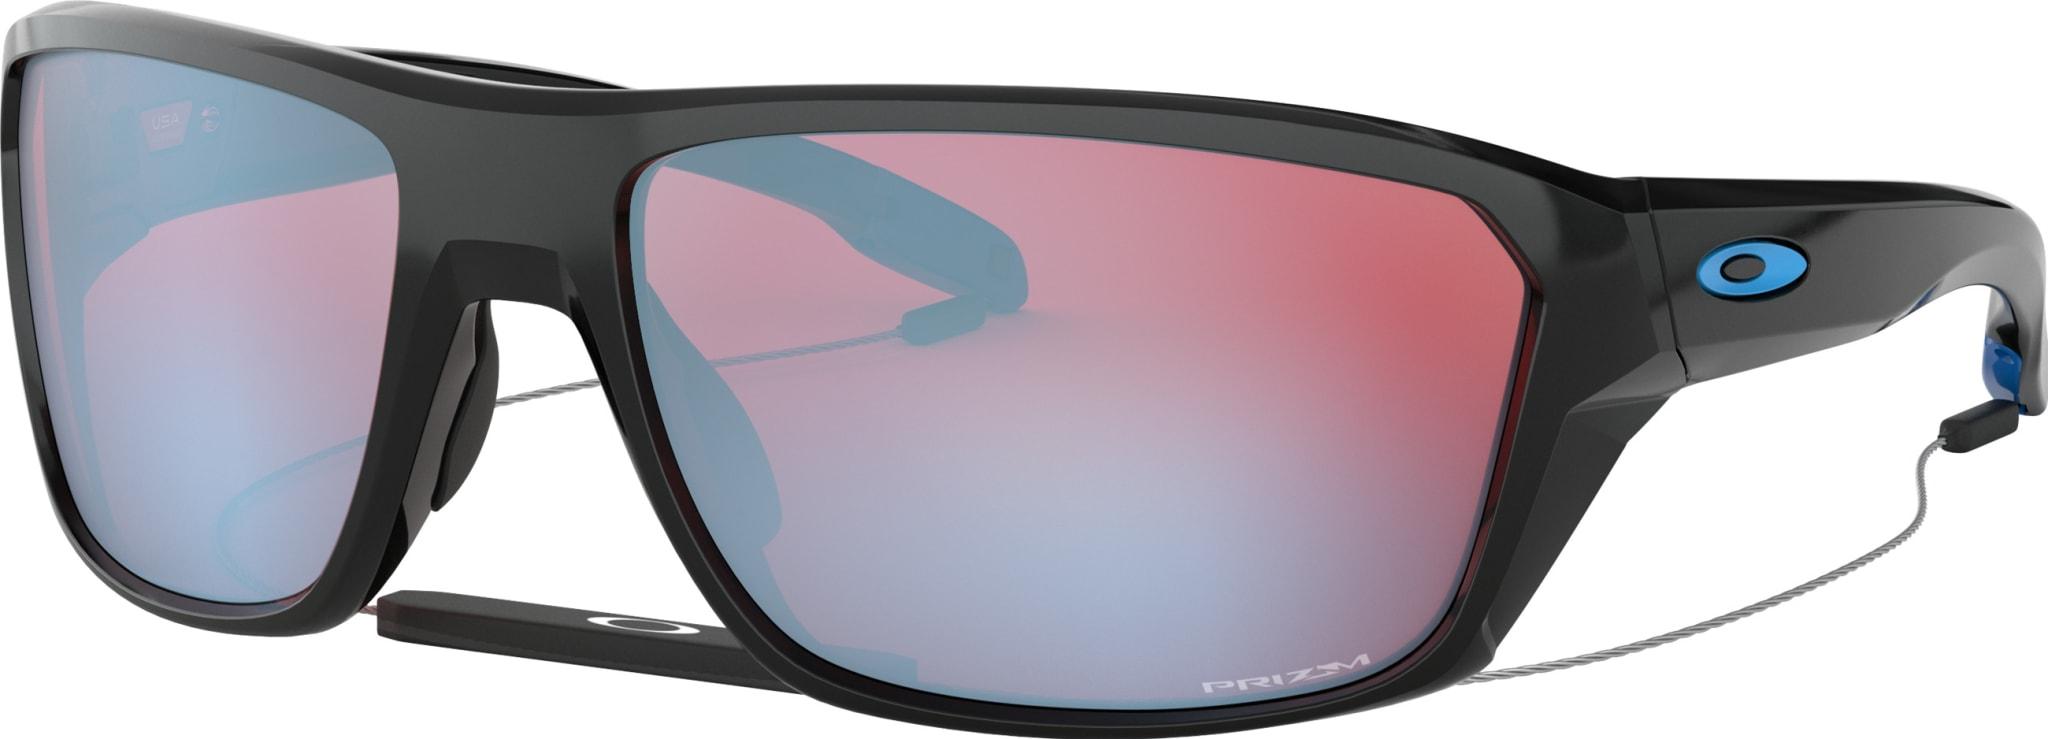 Tettsittende sportsbrille med beskyttelse